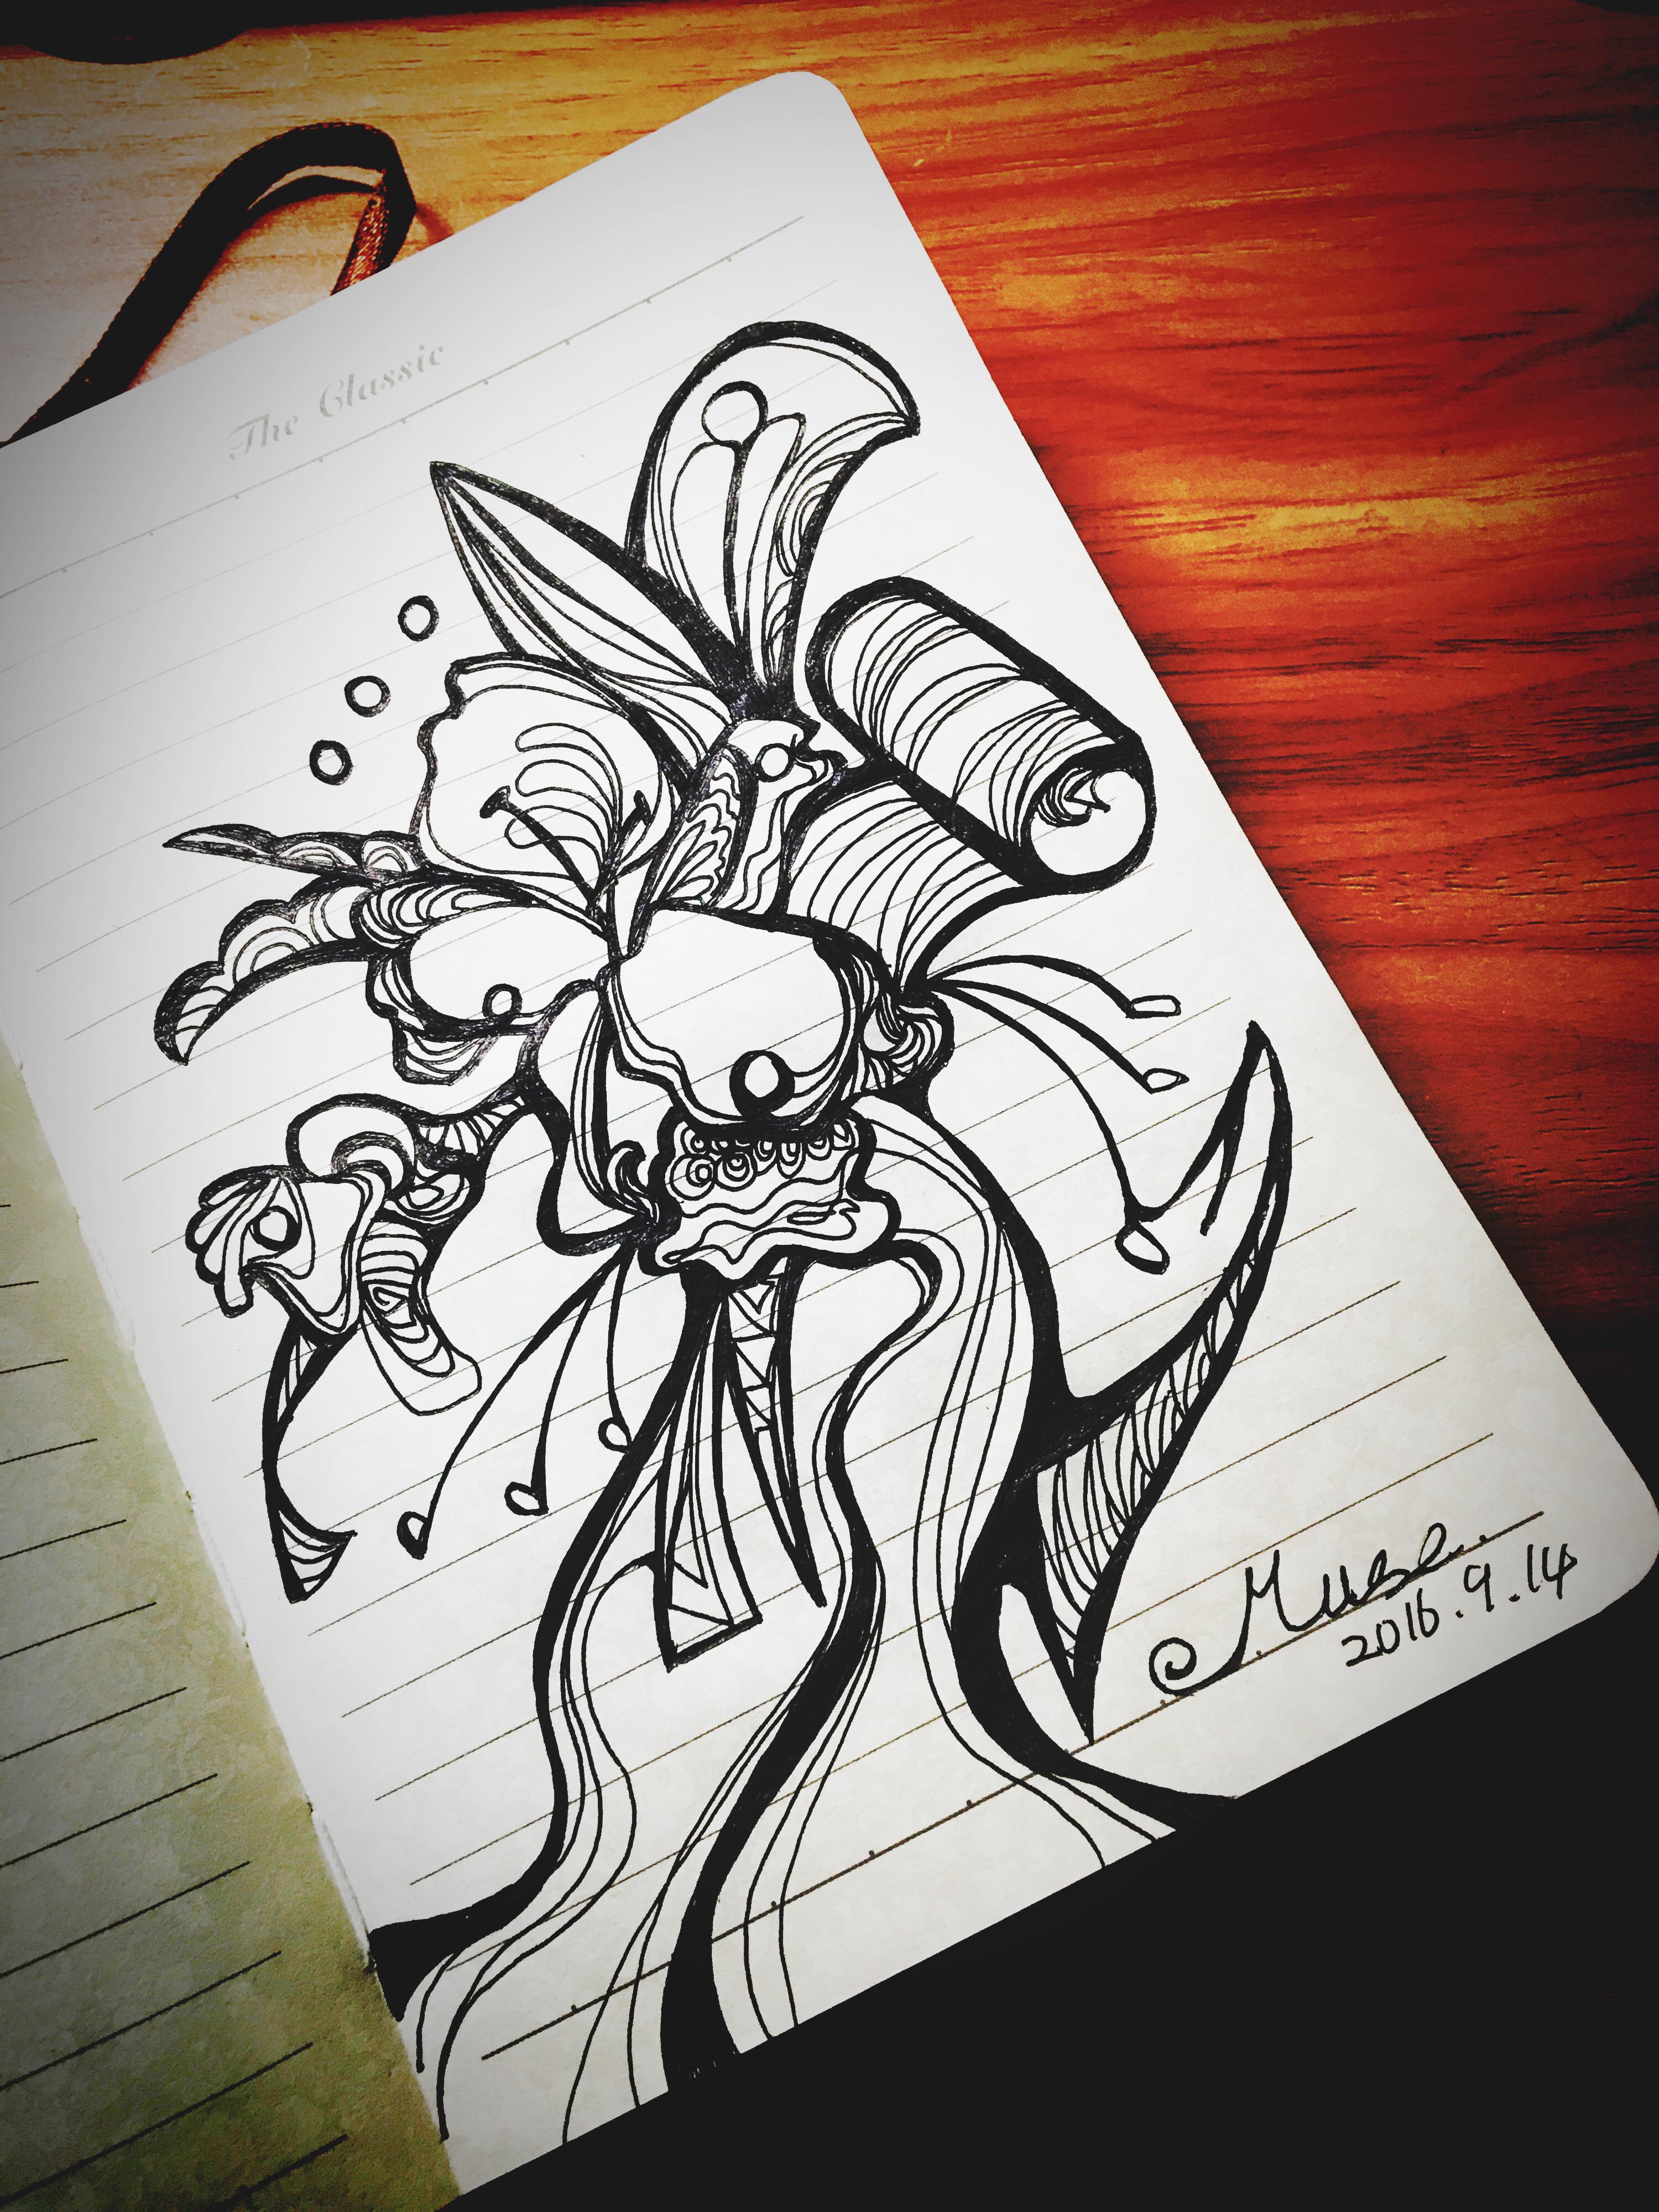 黑白手绘|插画|涂鸦/潮流|u_e_muse - 原创作品